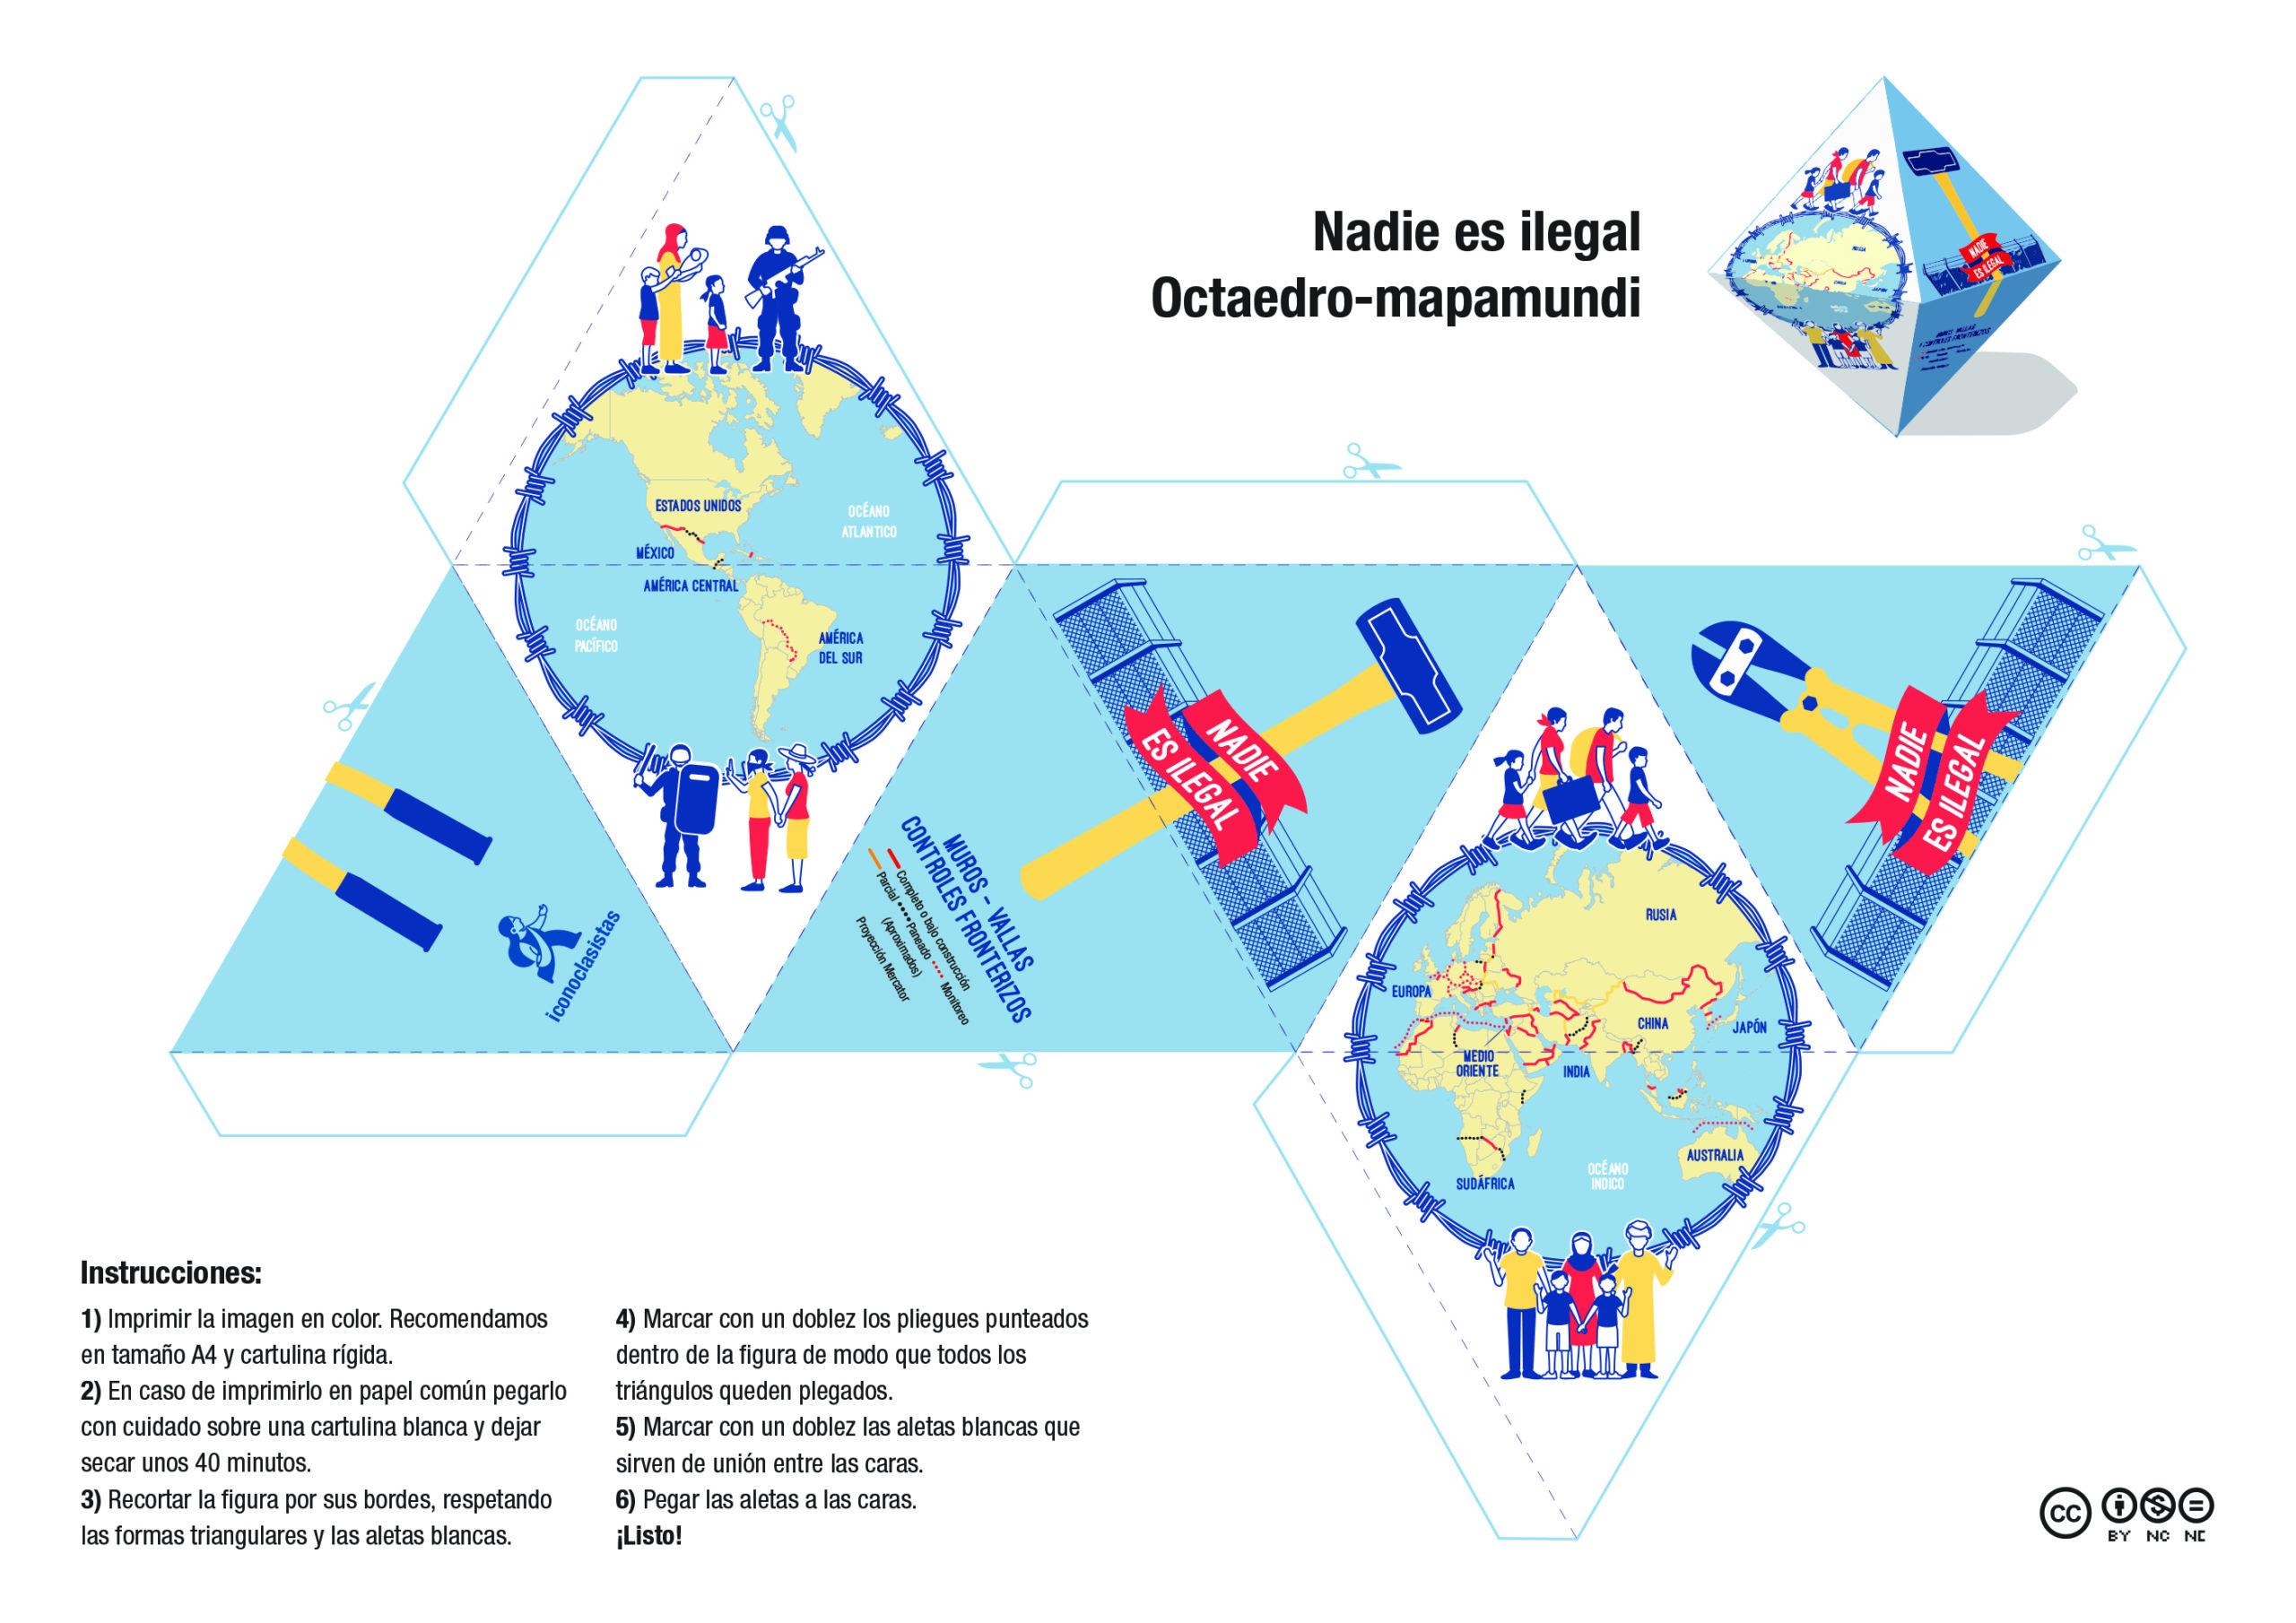 001_octaedro